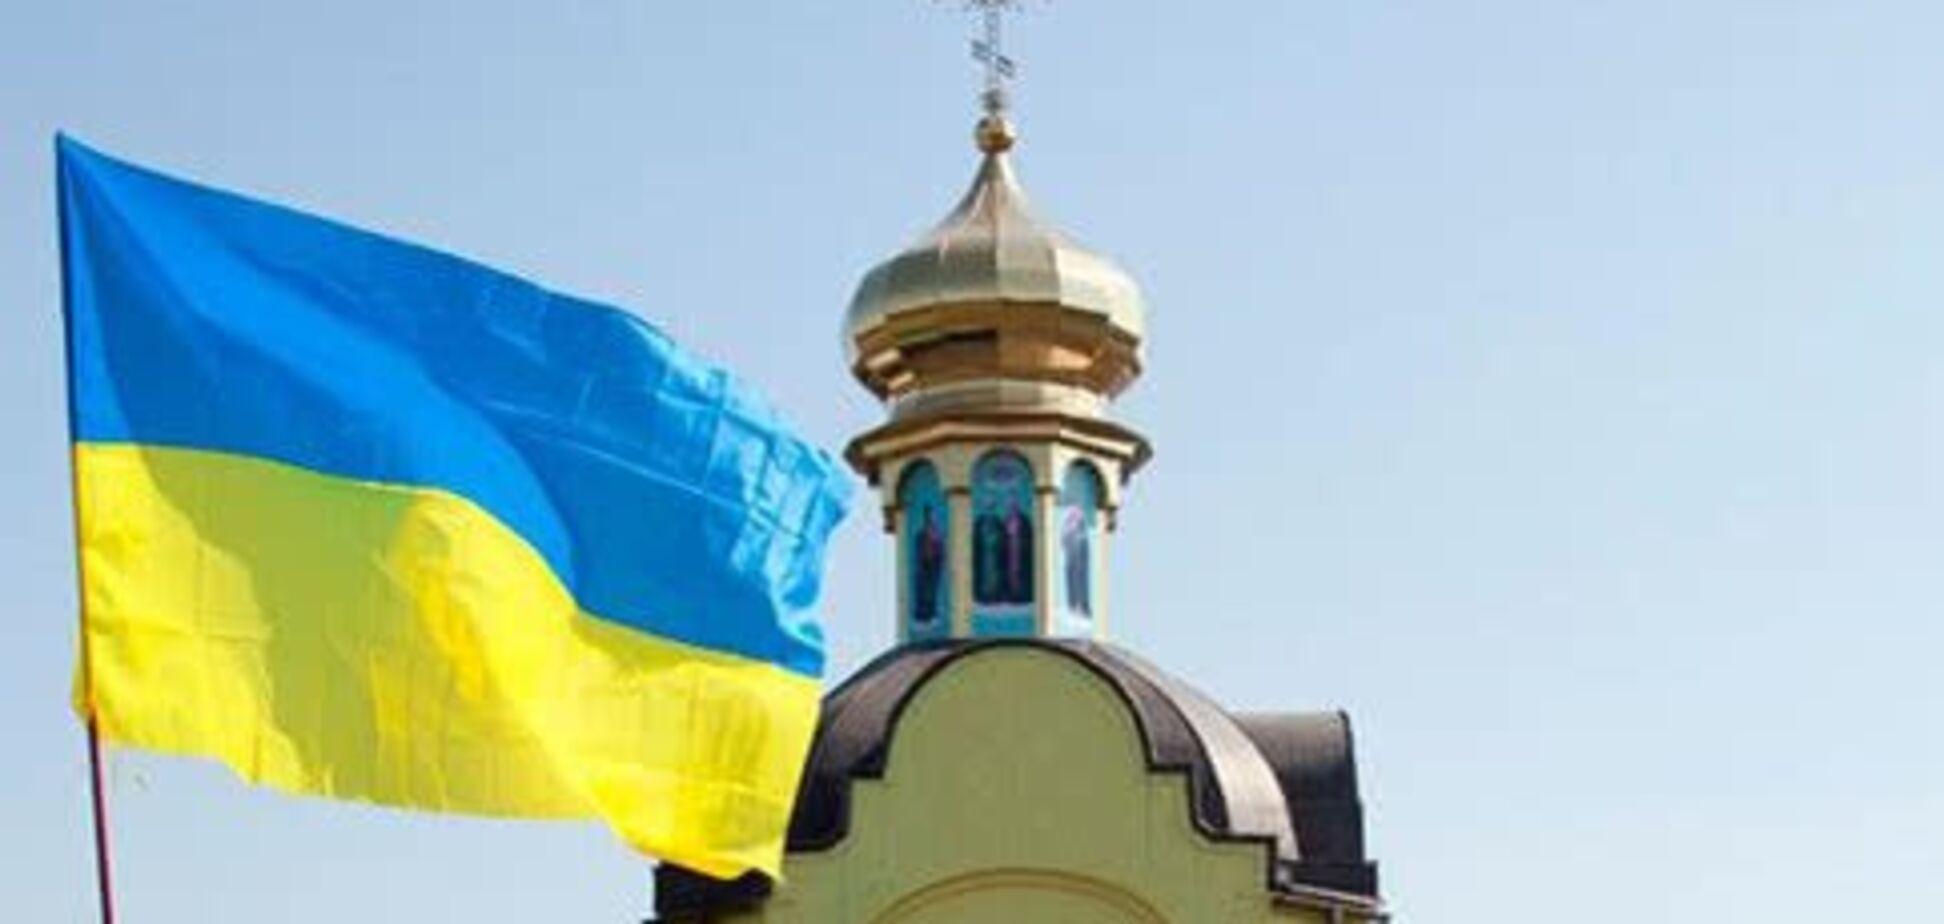 Борьба только начинается: озвучен тревожный прогноз по украинской автокефалии